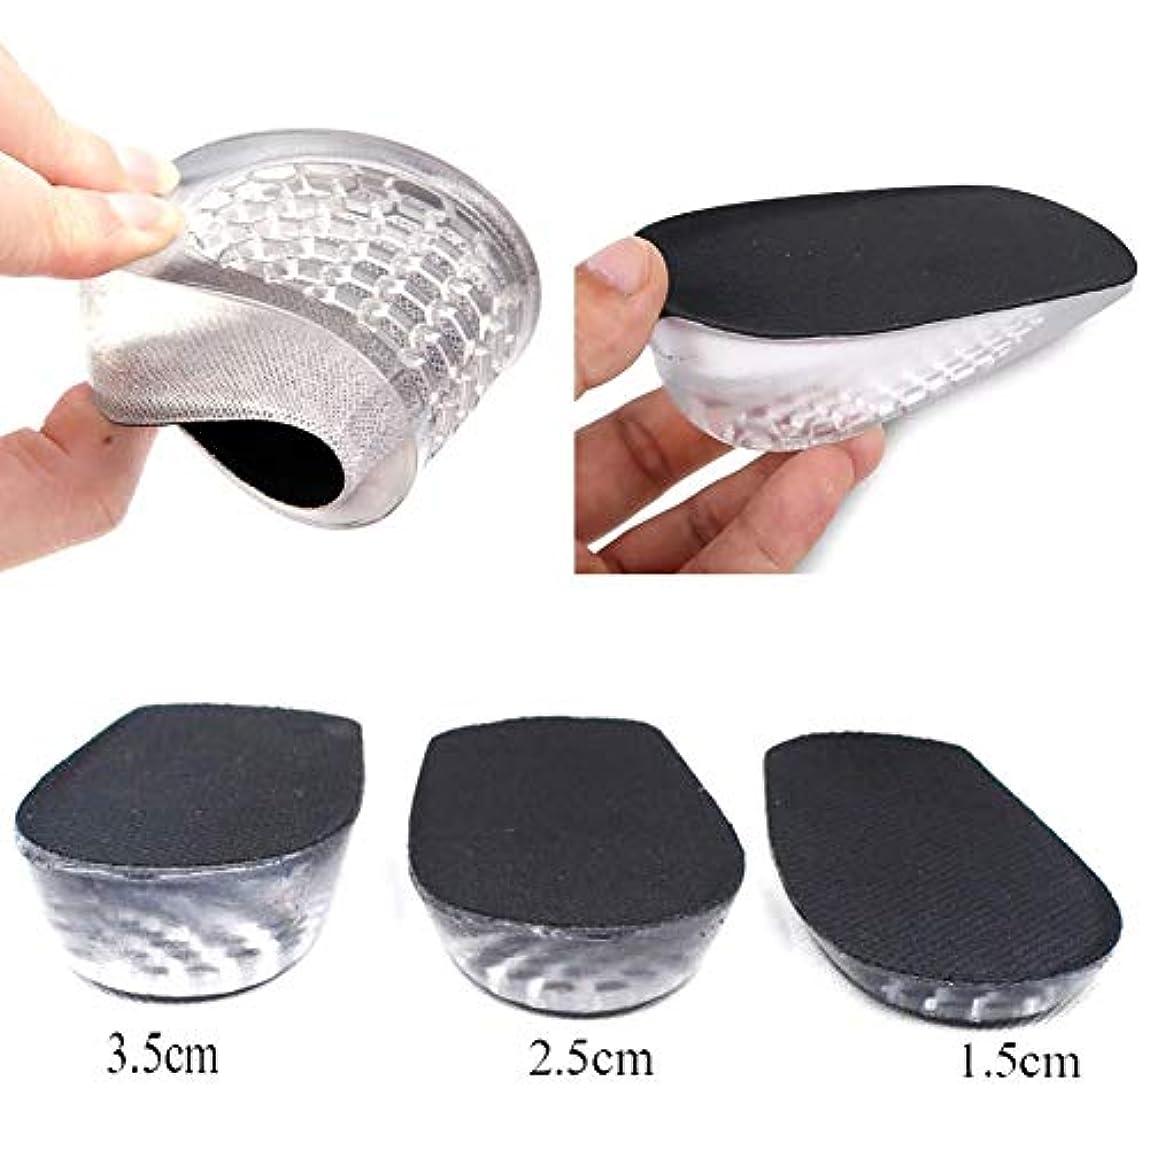 私達お祝いミュートBixiangji 女性のための1ペアインソールアーチサポートパッド男性シリコーンゲル増加パッド (Color : Men black, Shoe Size : 3.5)